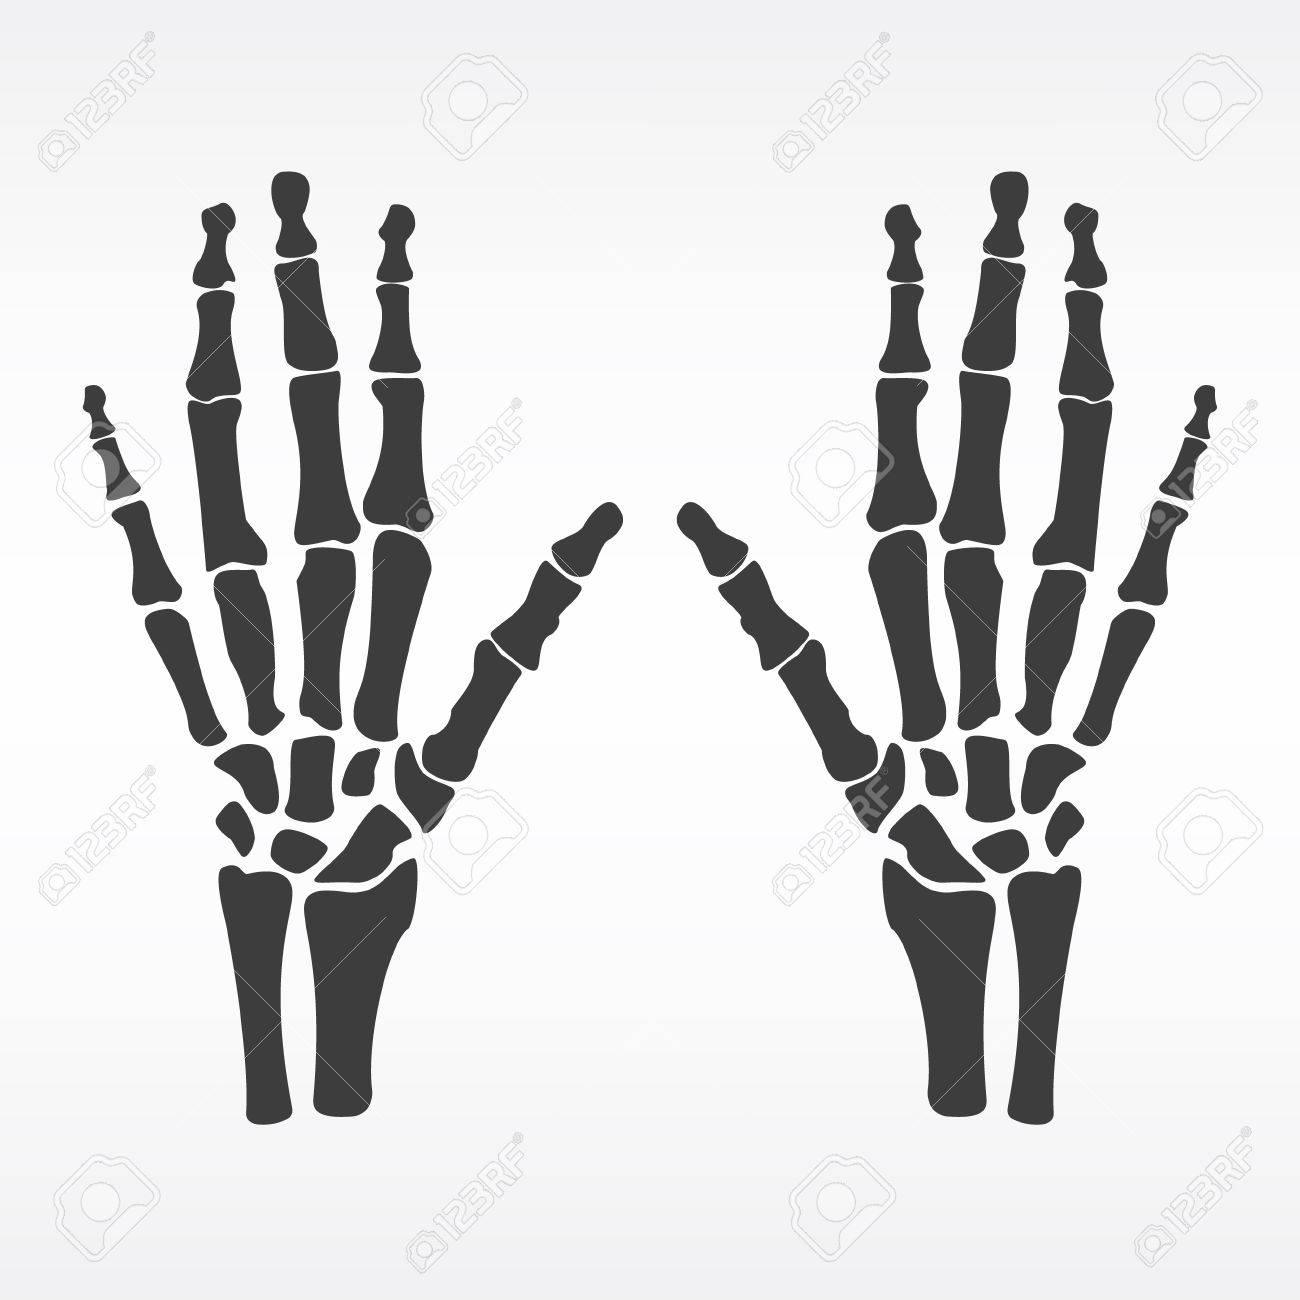 Ilustración Vectorial Manos Huesos. Icono Esqueleto Humano Mano ...